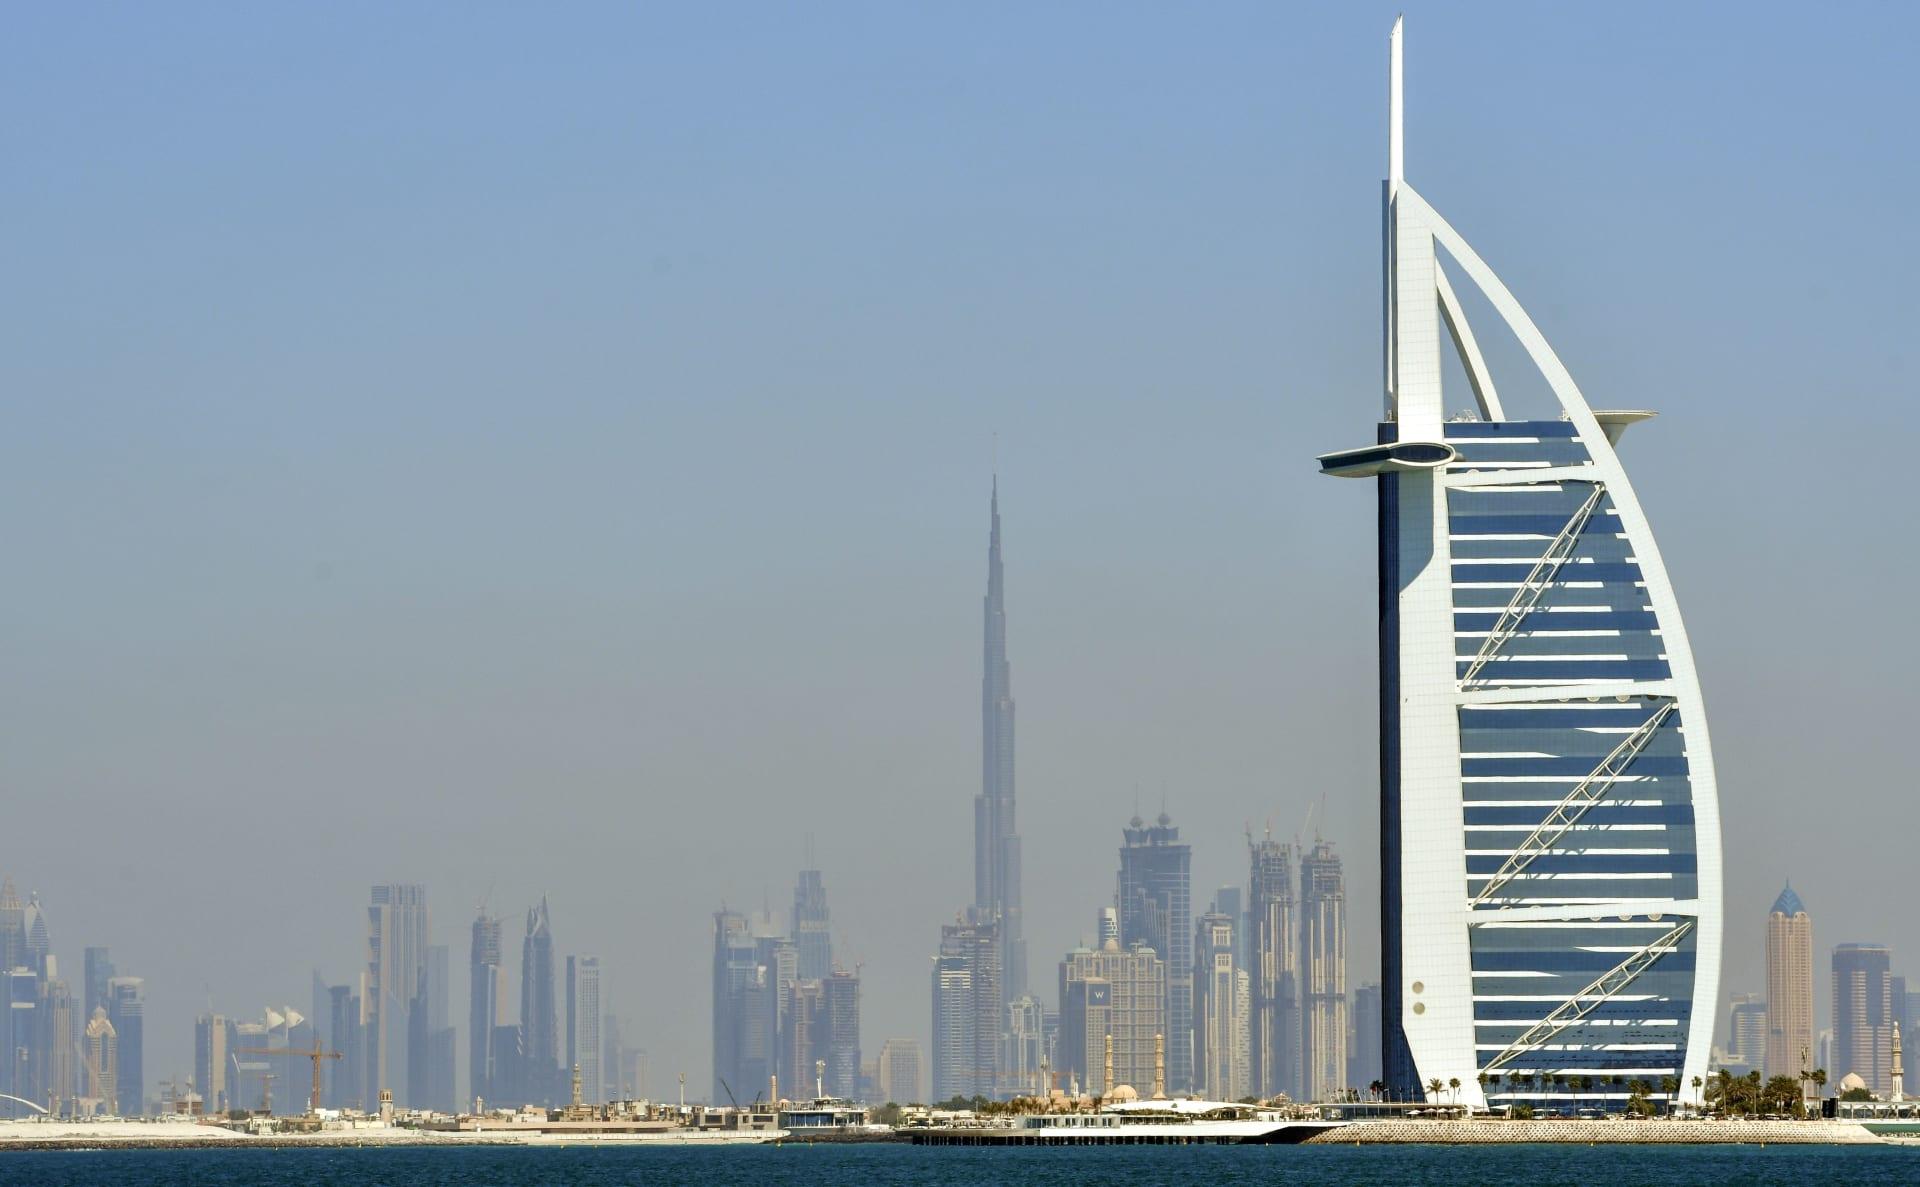 الإمارات تعزز مؤشرات جودة الحياة بهذا الإجراء